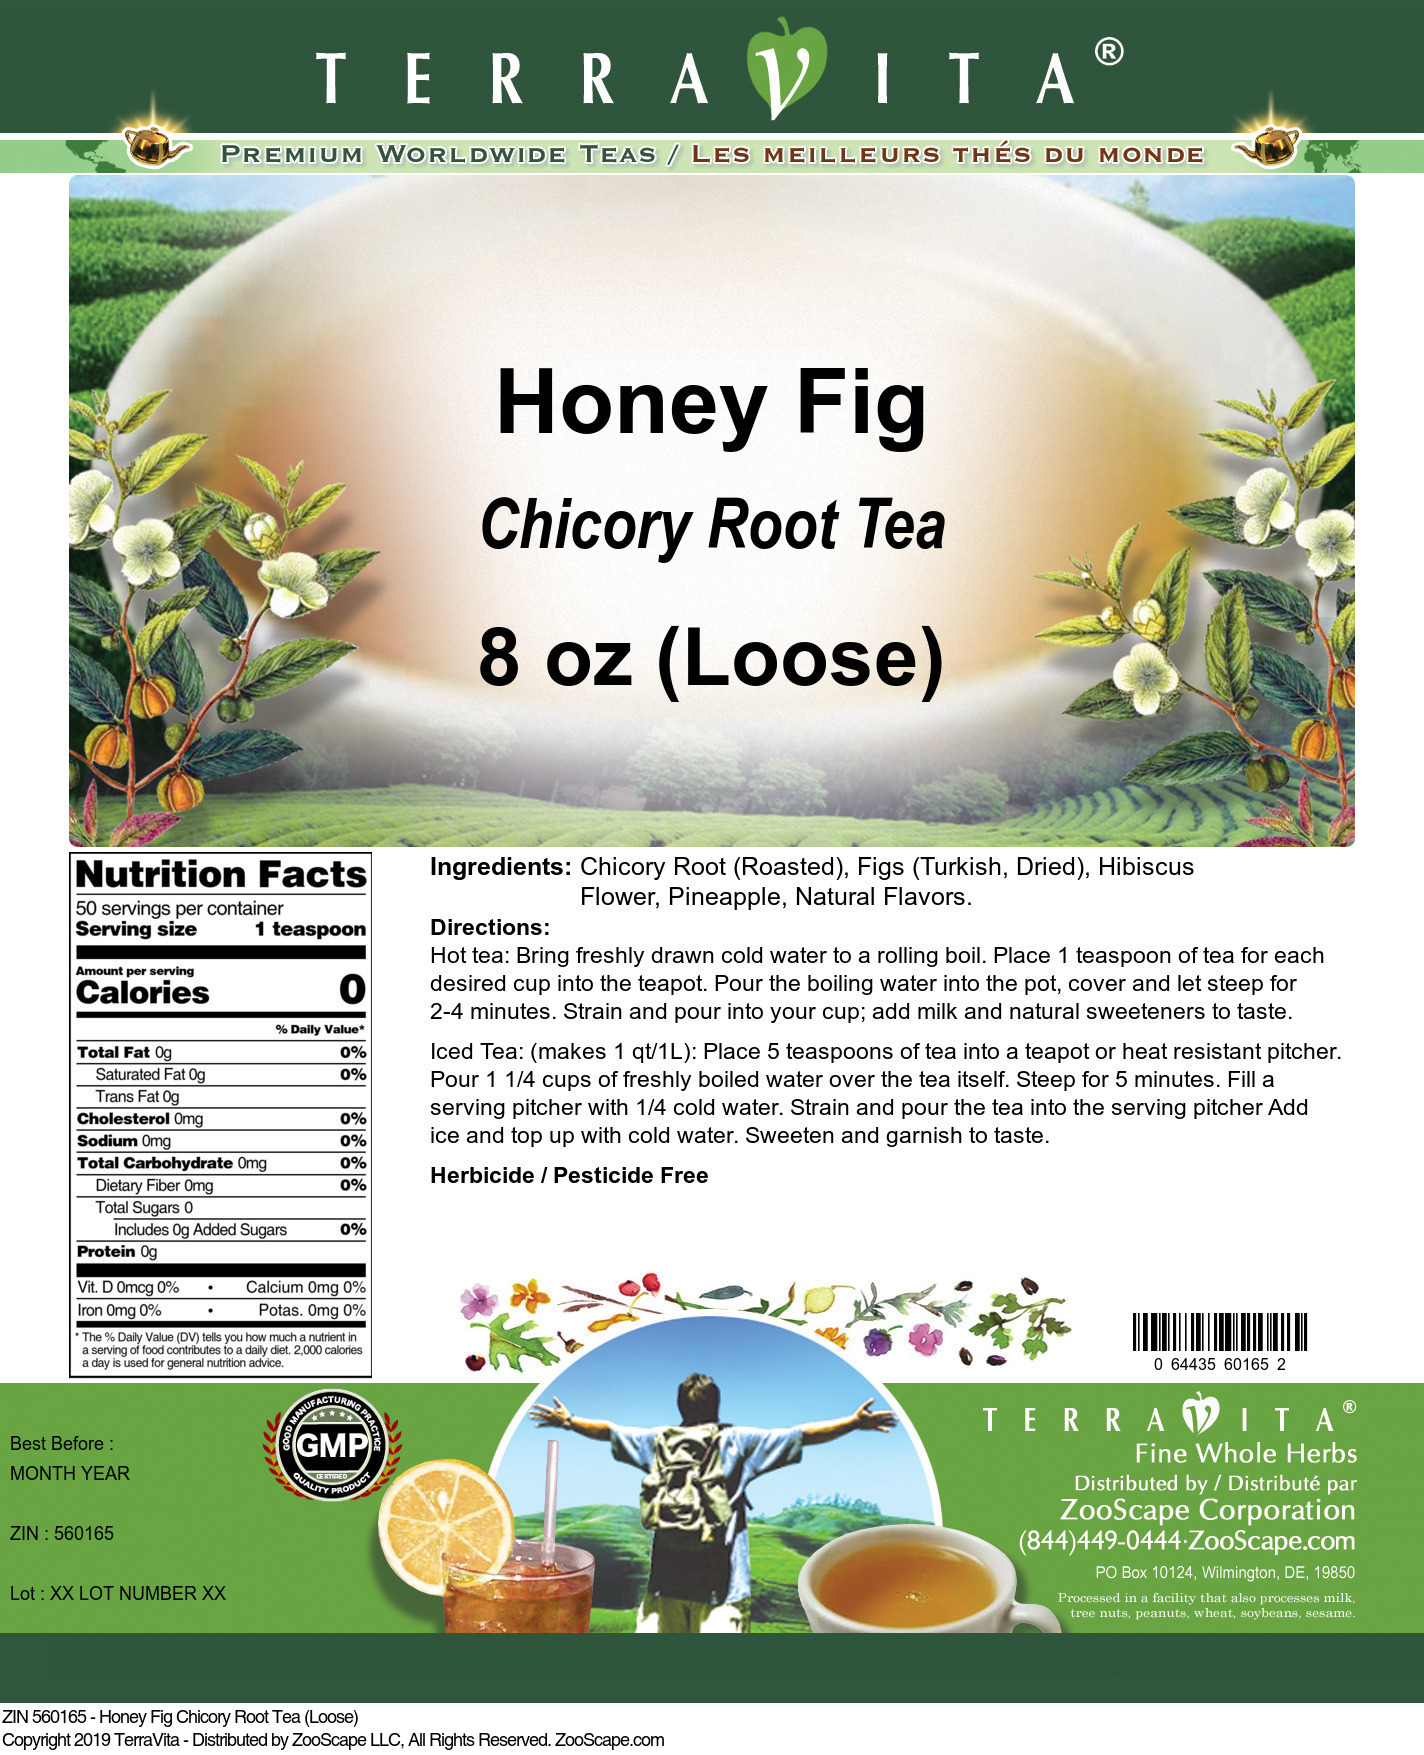 Honey Fig Chicory Root